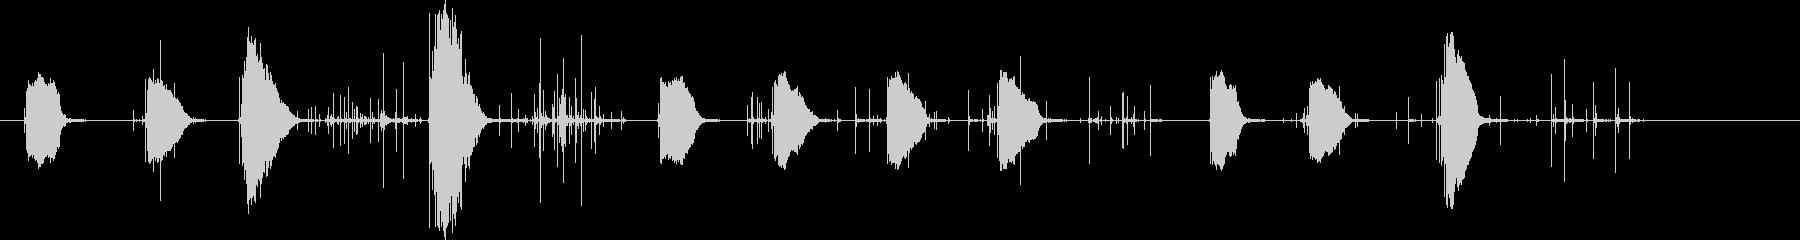 花火の口sの未再生の波形